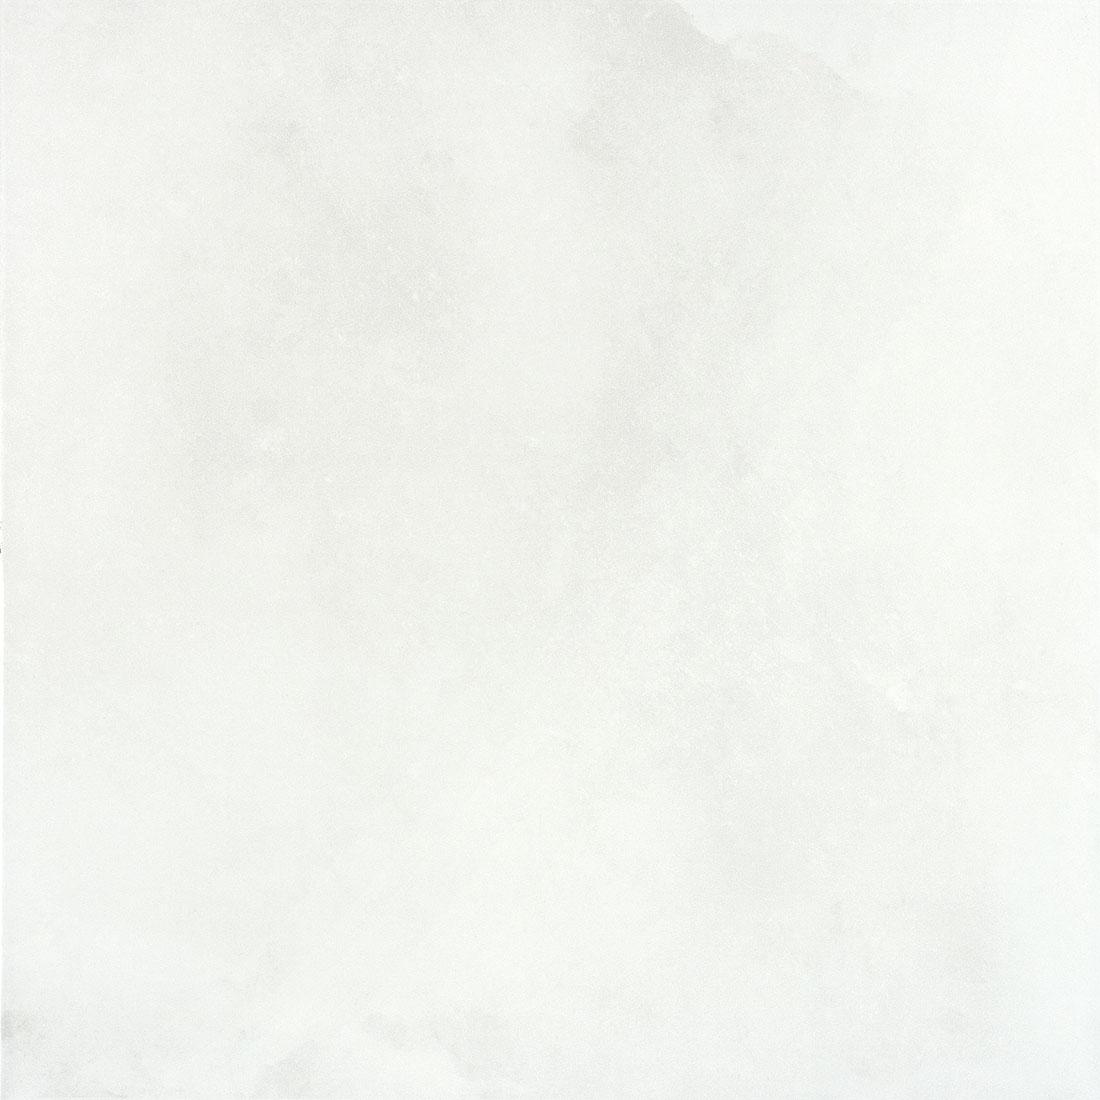 Gauzy 59x59 Blanco Polished